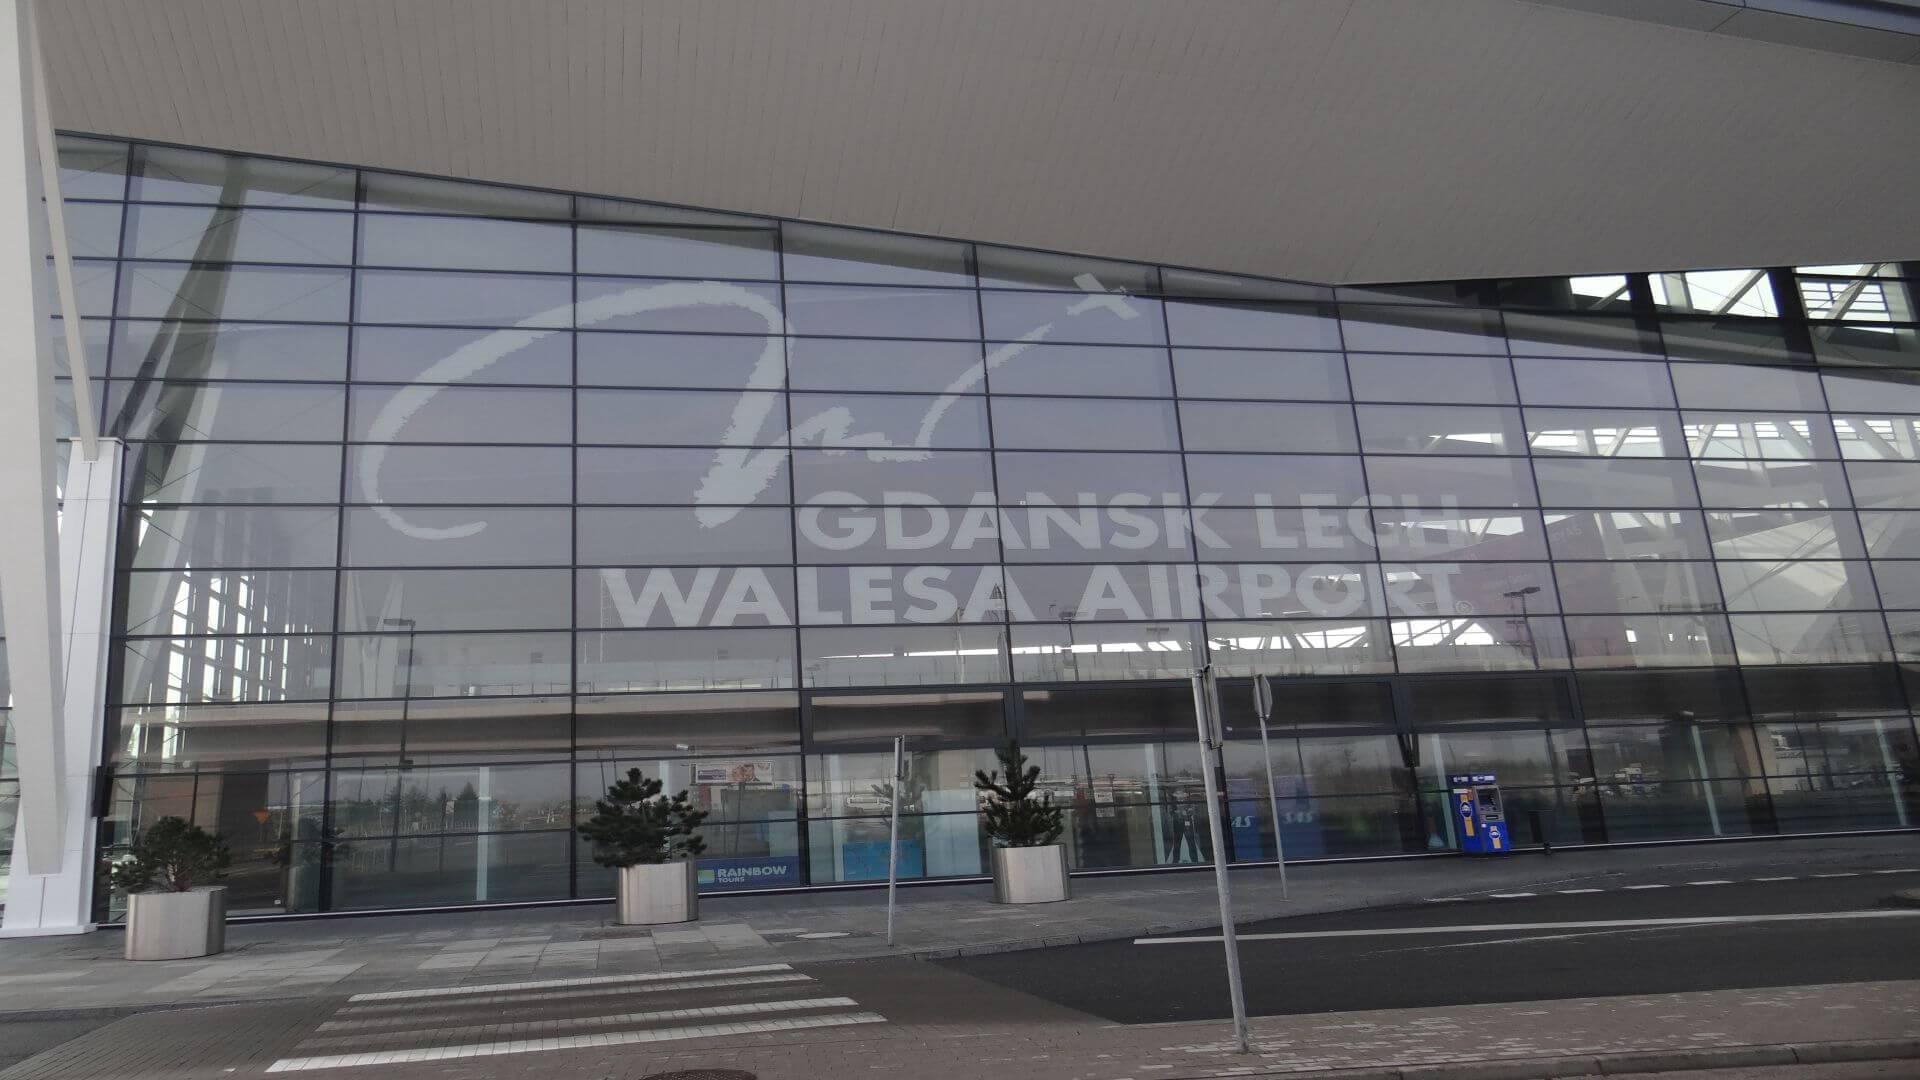 Гданьск (аэропорт)